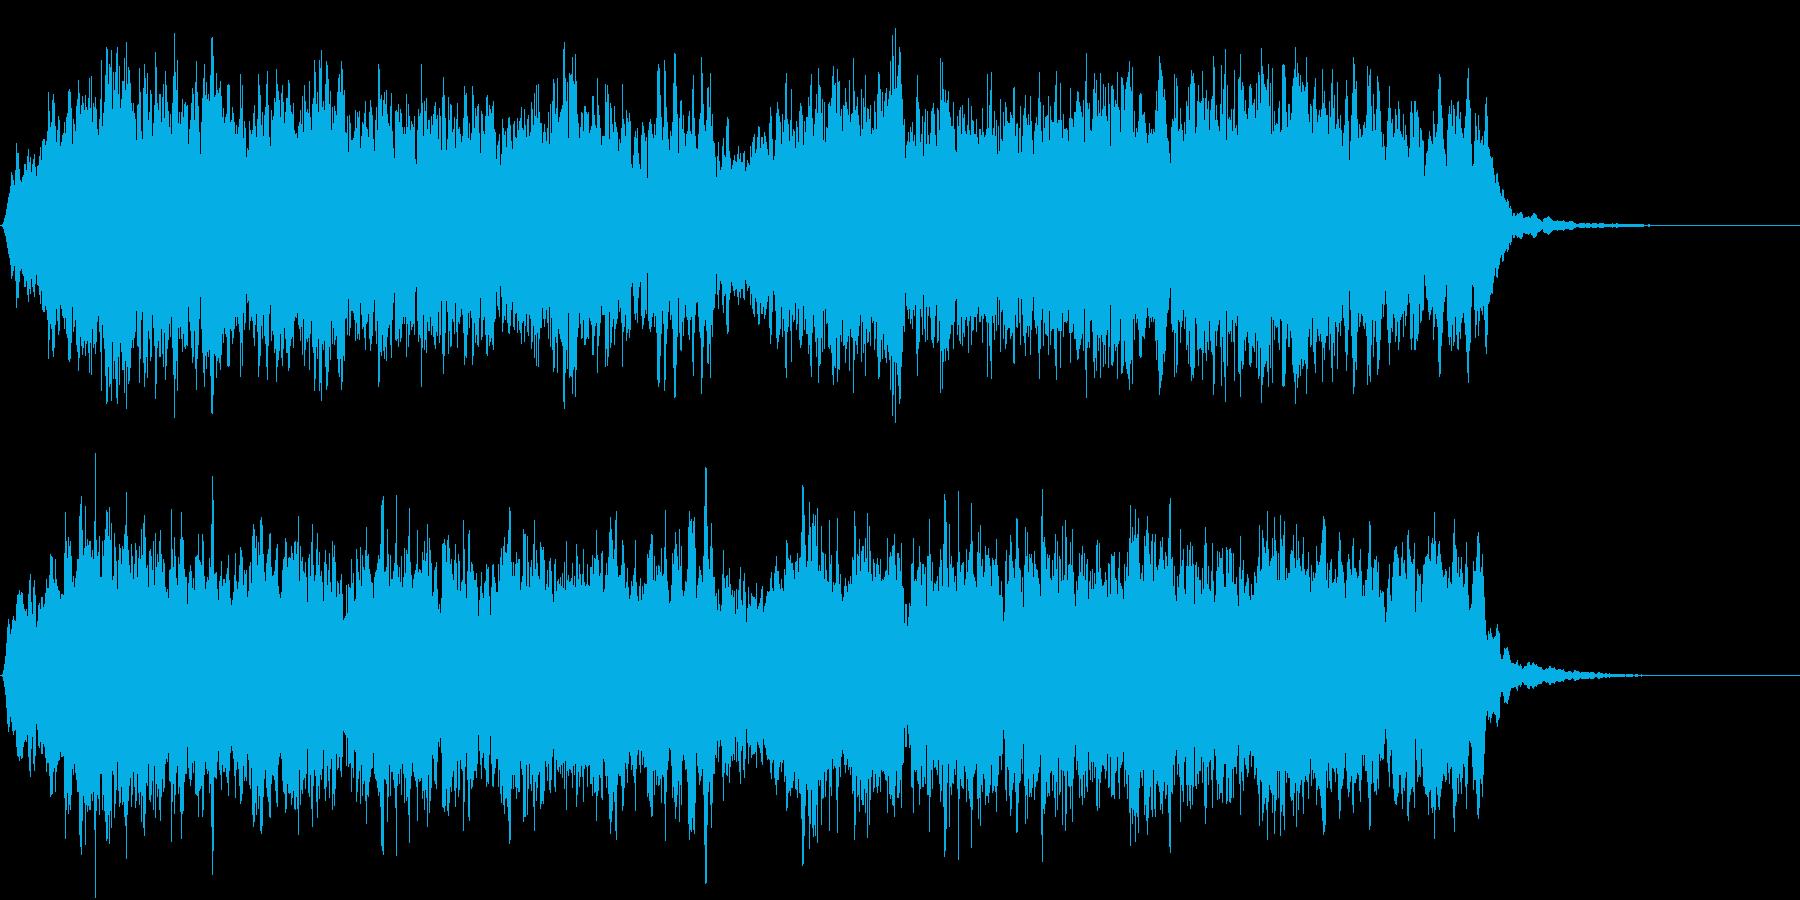 ゲームオーバーの効果音(コーラス)の再生済みの波形